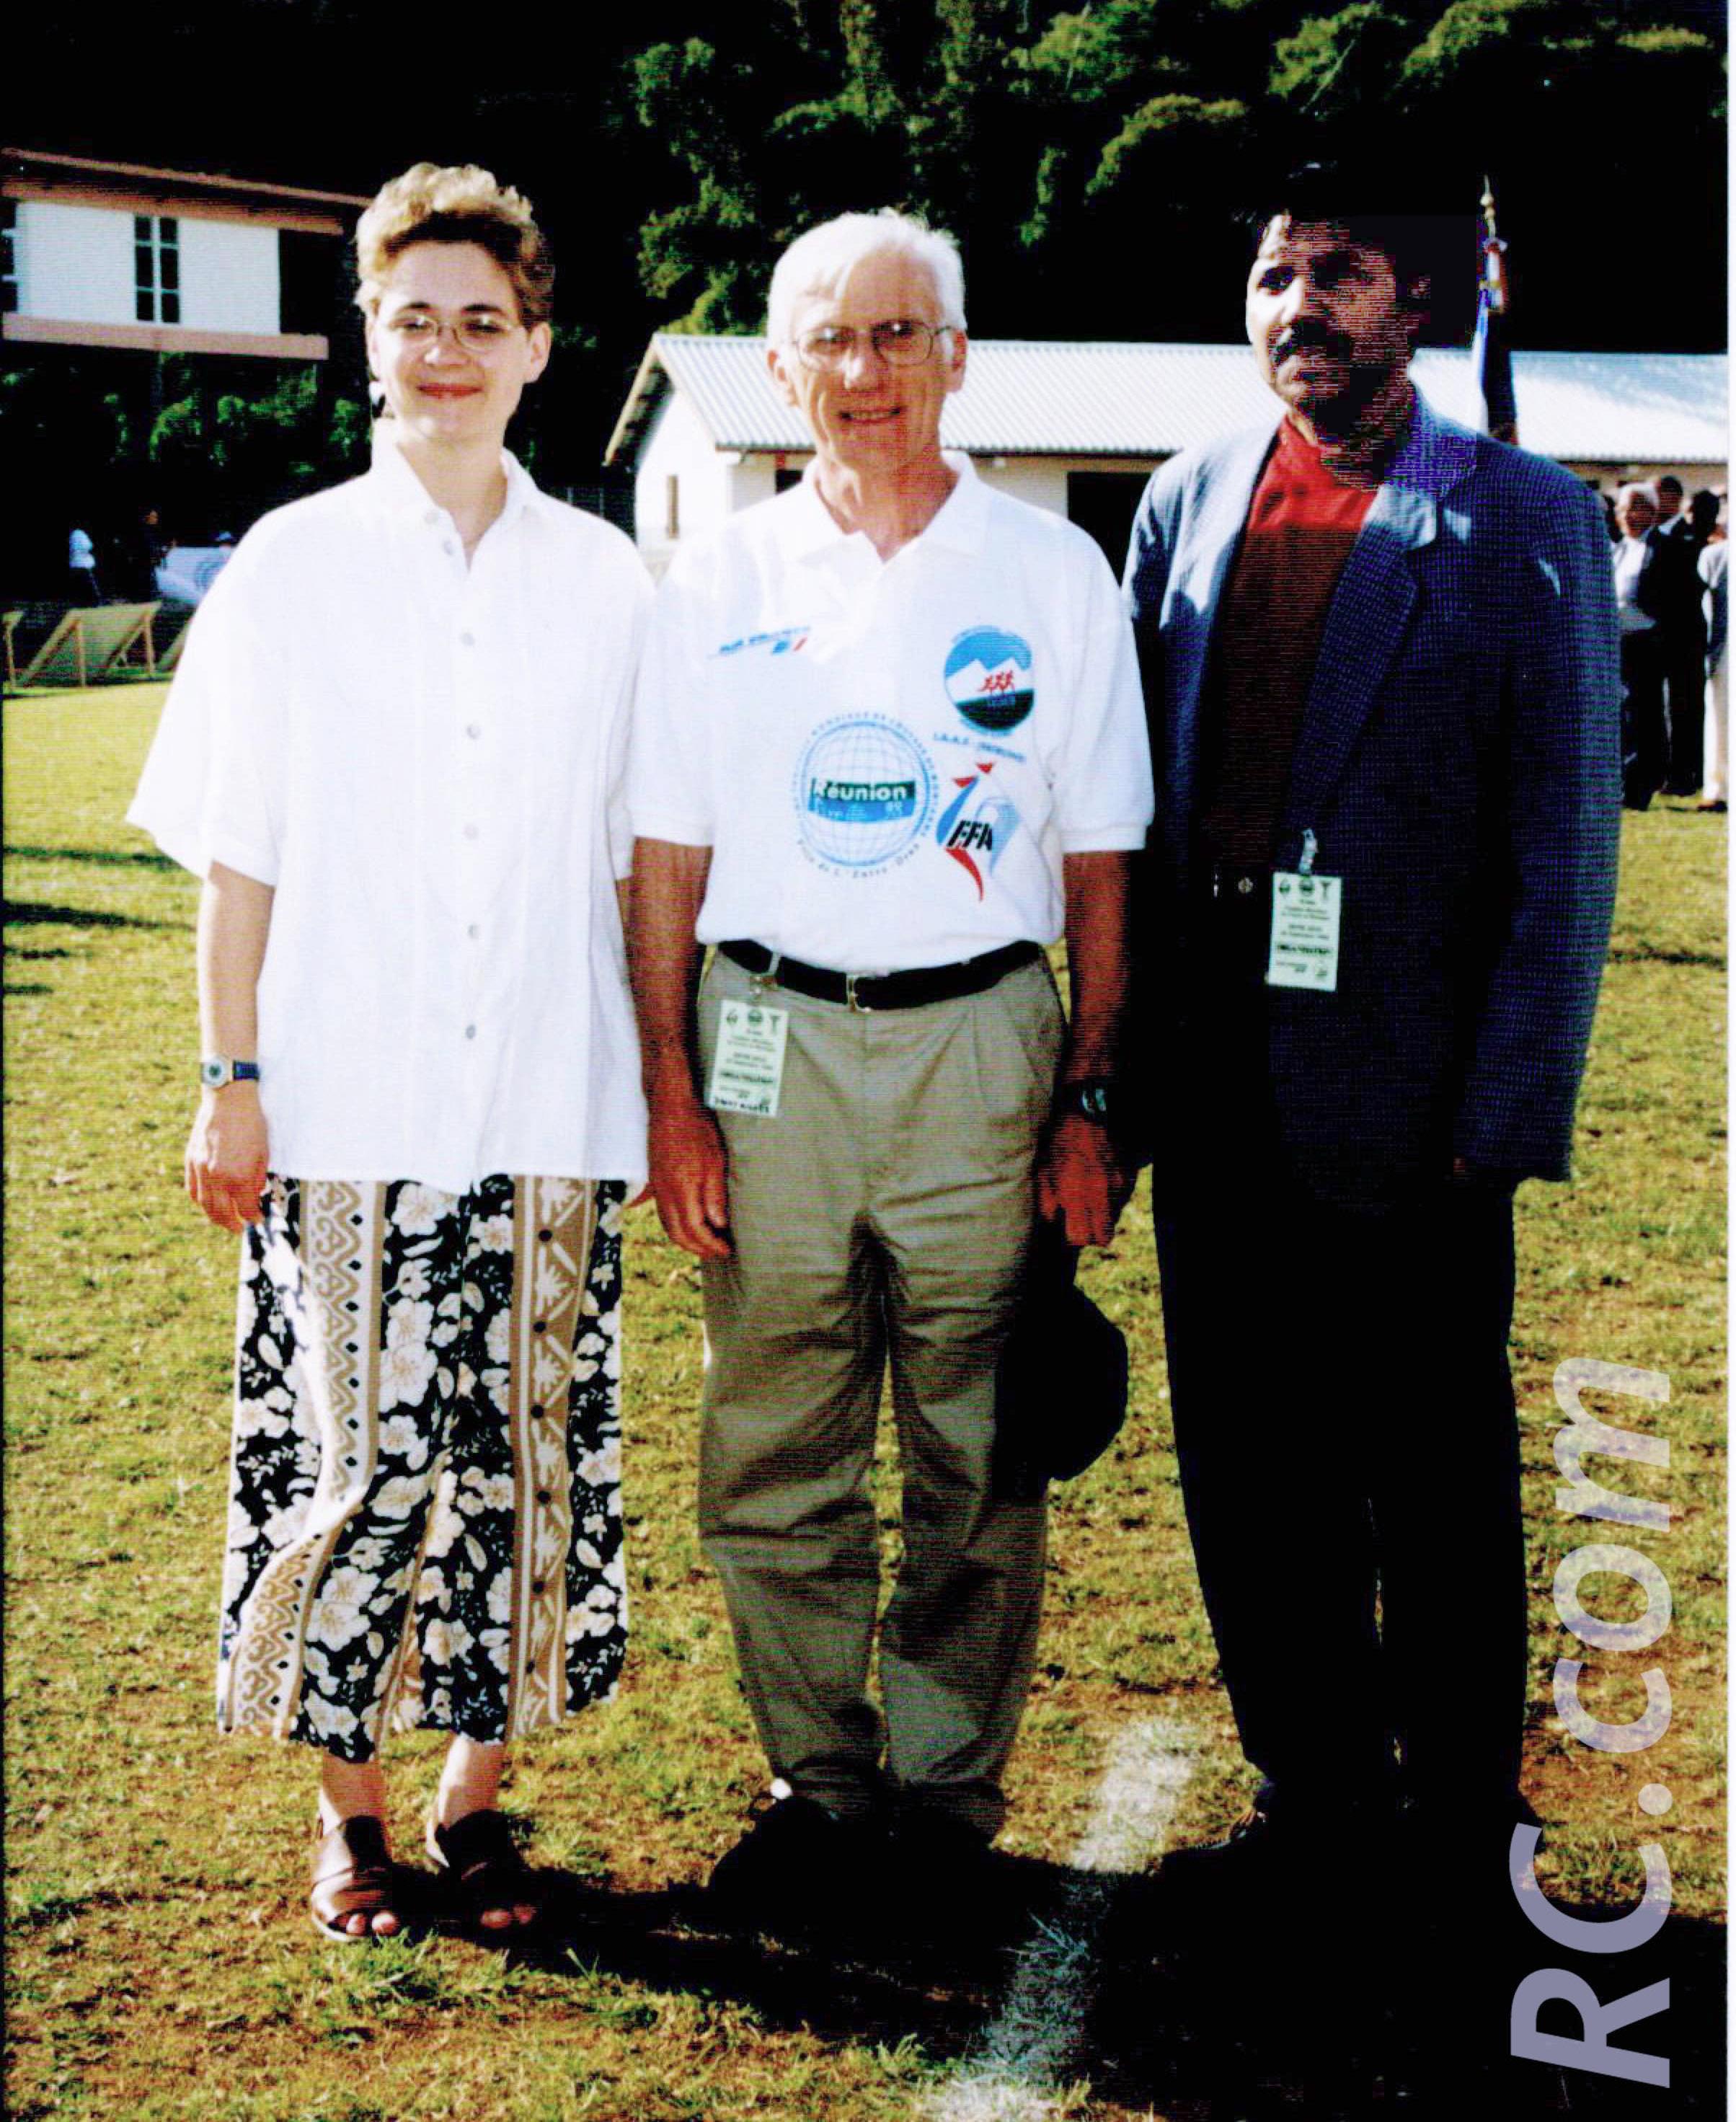 Paul Canaguy, président de la Ligue Réunionnaise d'Athlétisme, et des officiels venus de l'extérieur